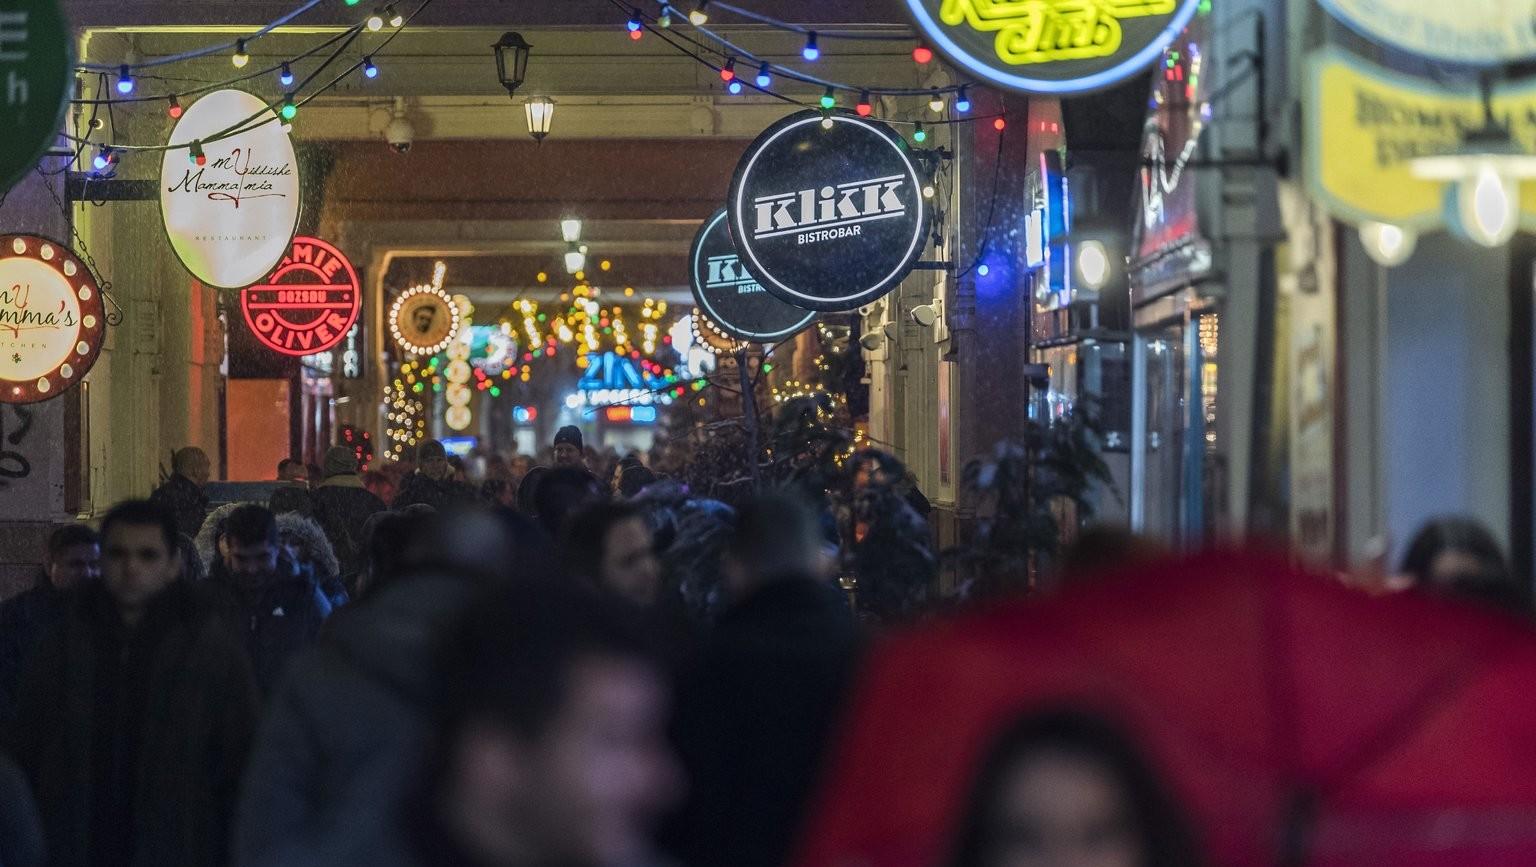 A Gozsdu Udvar az erzsébetvárosi vigalmi negyedben a Király utcában 2018. február 18-ra virradó éjjel – ezen a napon népszavazást tartanak arról, hogy a főváros VII. kerületében, az úgynevezett bulinegyedben található vendéglátóhelyek éjfél és reggel 6 óra között nyitva tarthassanak-e (MTI Fotó: Szigetváry Zsolt)